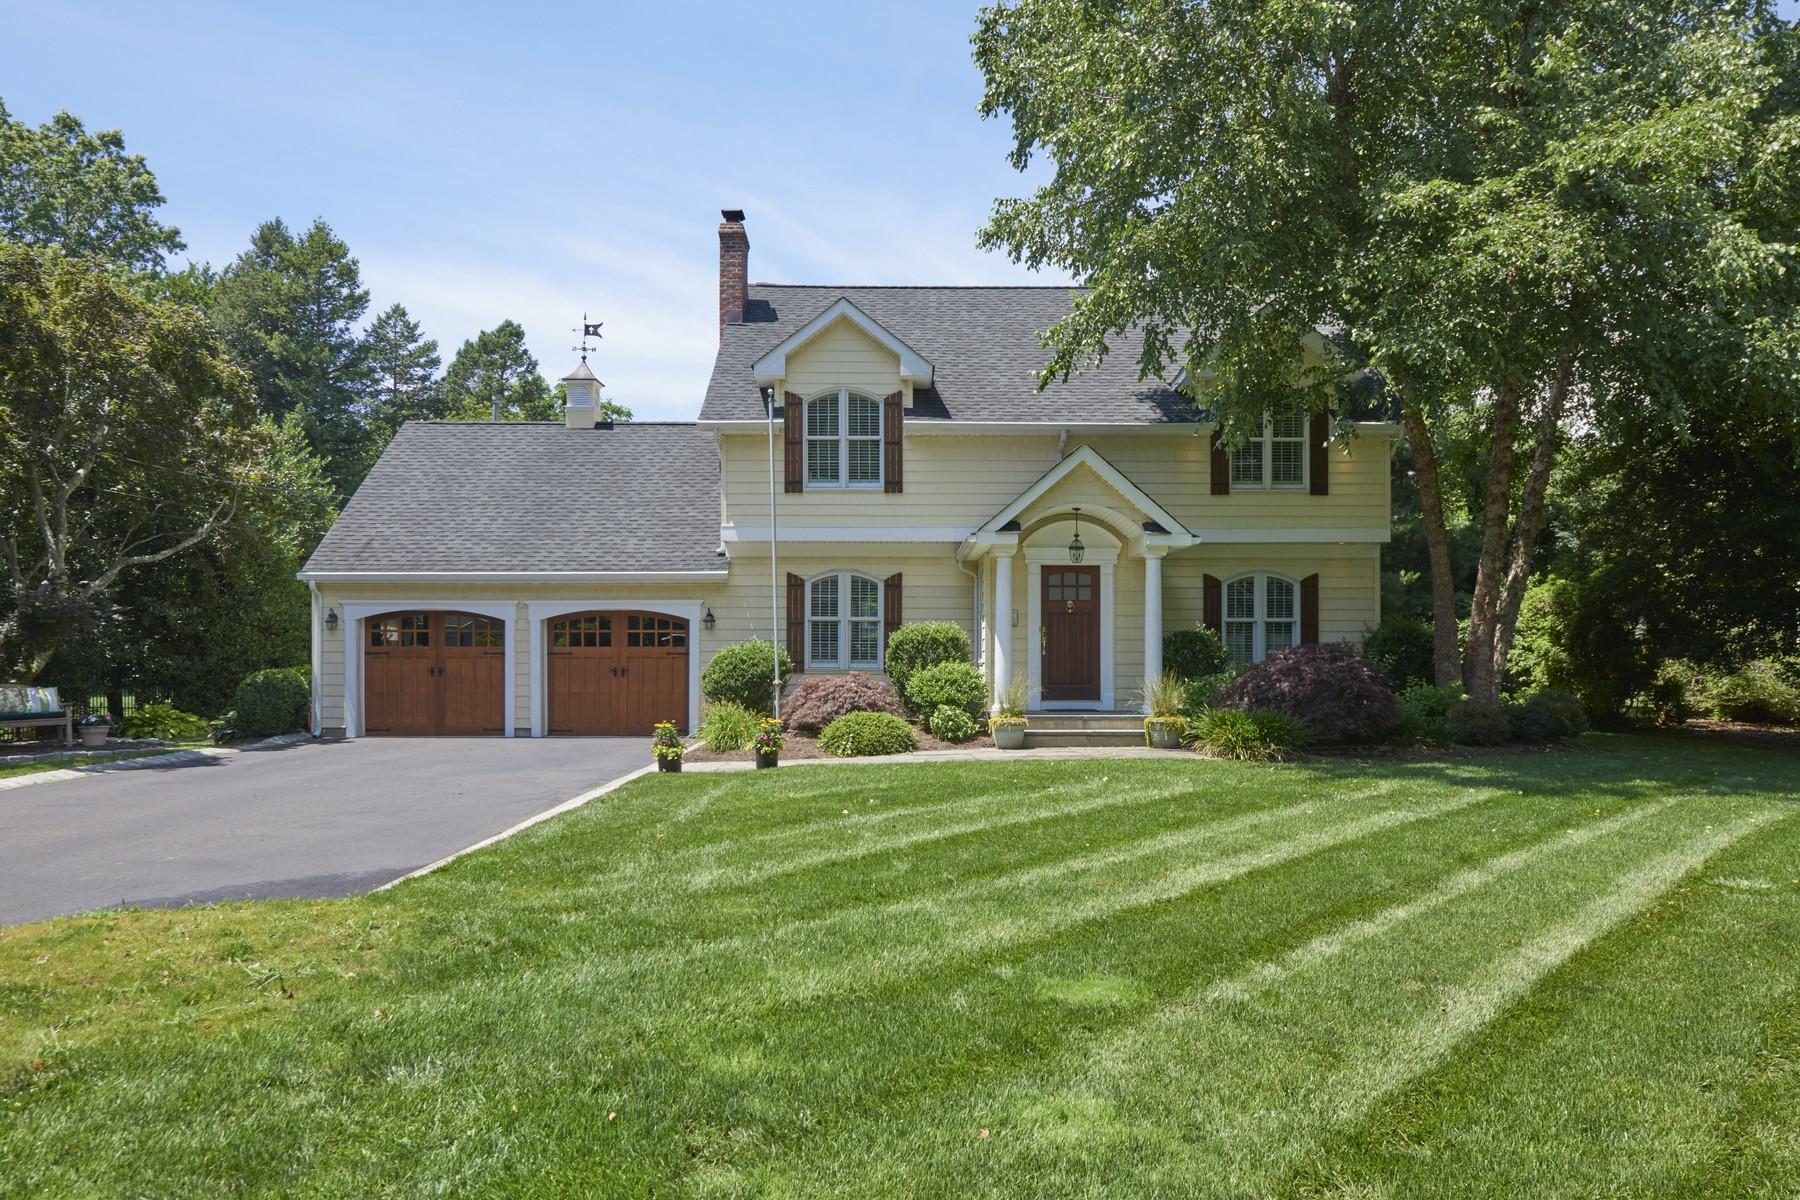 Vivienda unifamiliar por un Venta en Stunning Home 52 E End Ave Shrewsbury, Nueva Jersey 07702 Estados Unidos